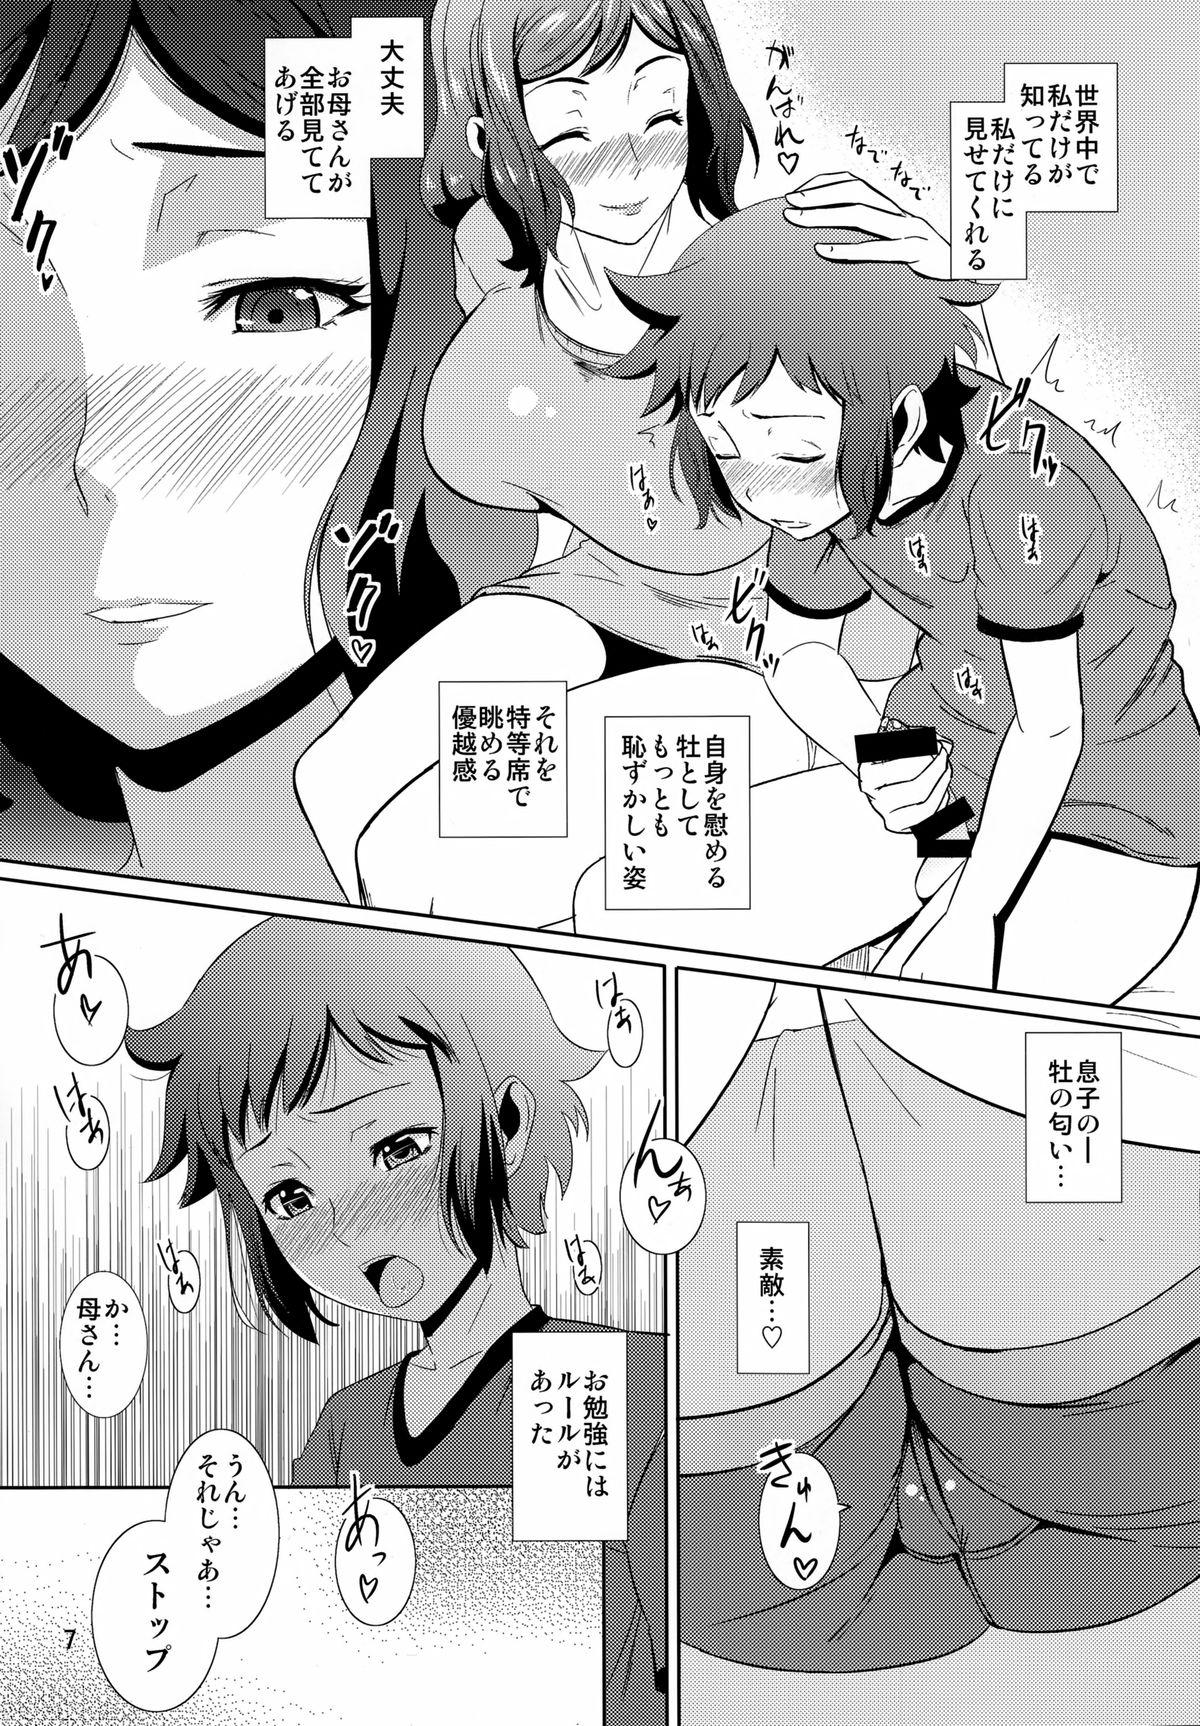 ... エロ アニメ エロ 画像 支店の写真